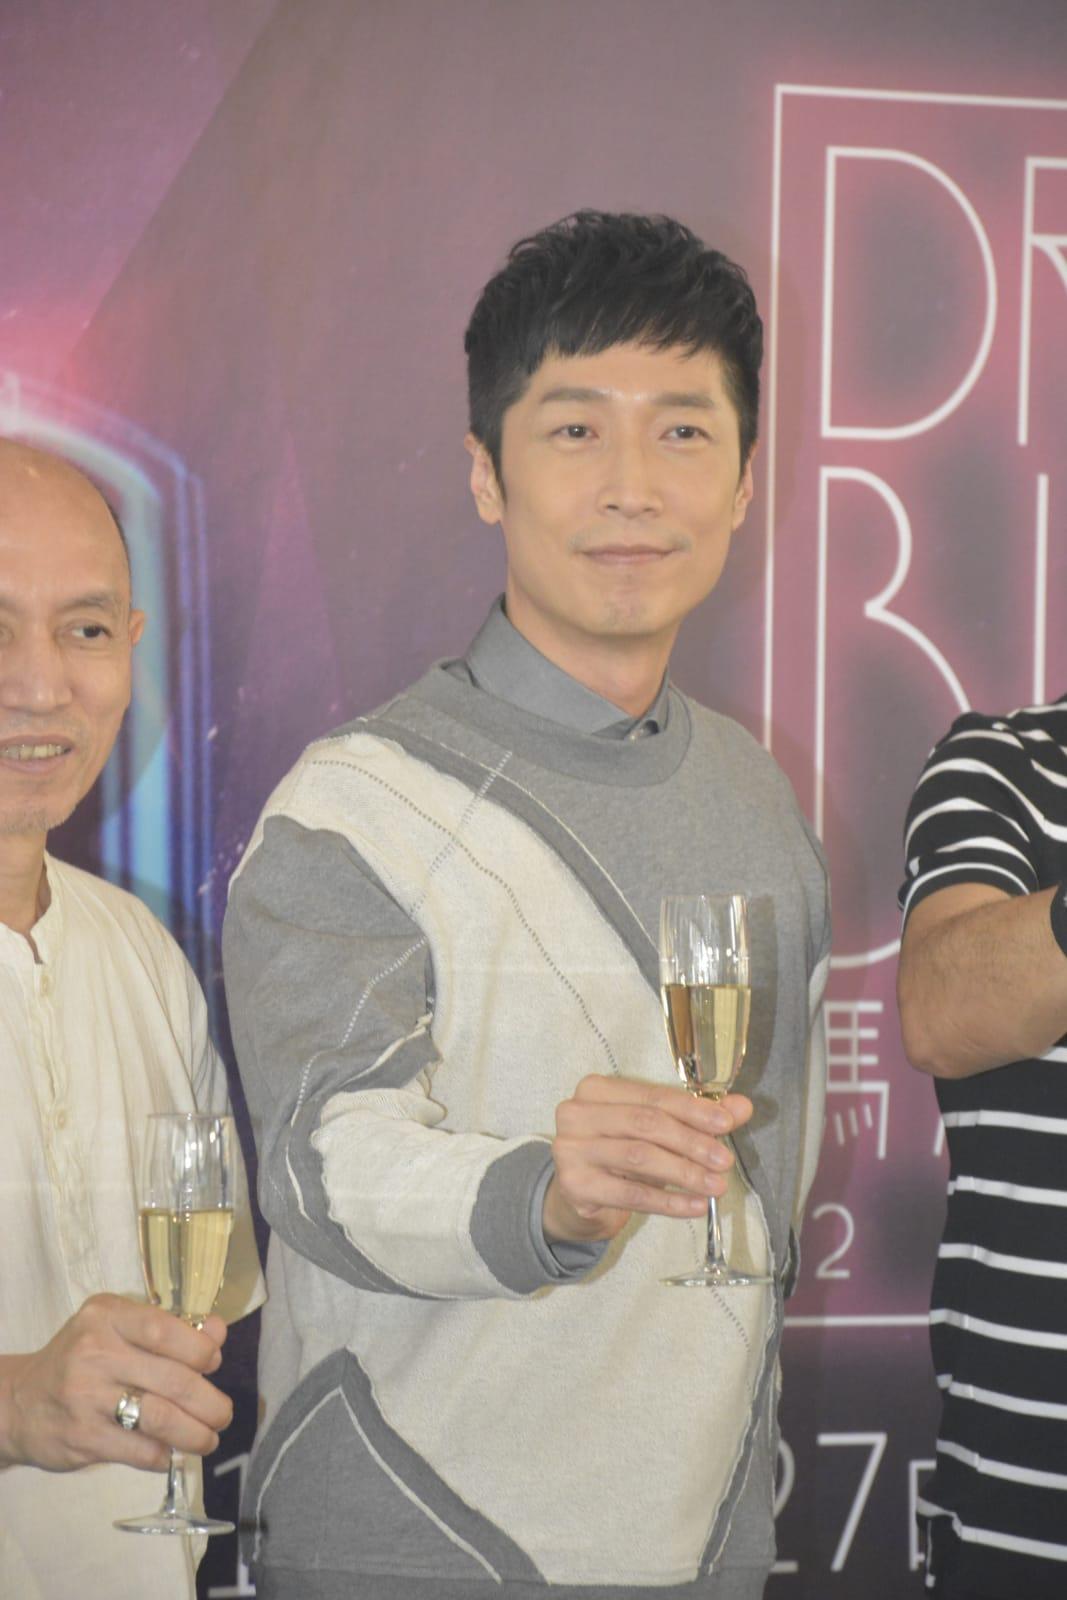 馬浚偉將於10月舉行演唱會,直言女神周慧敏作嘉賓,好開心。